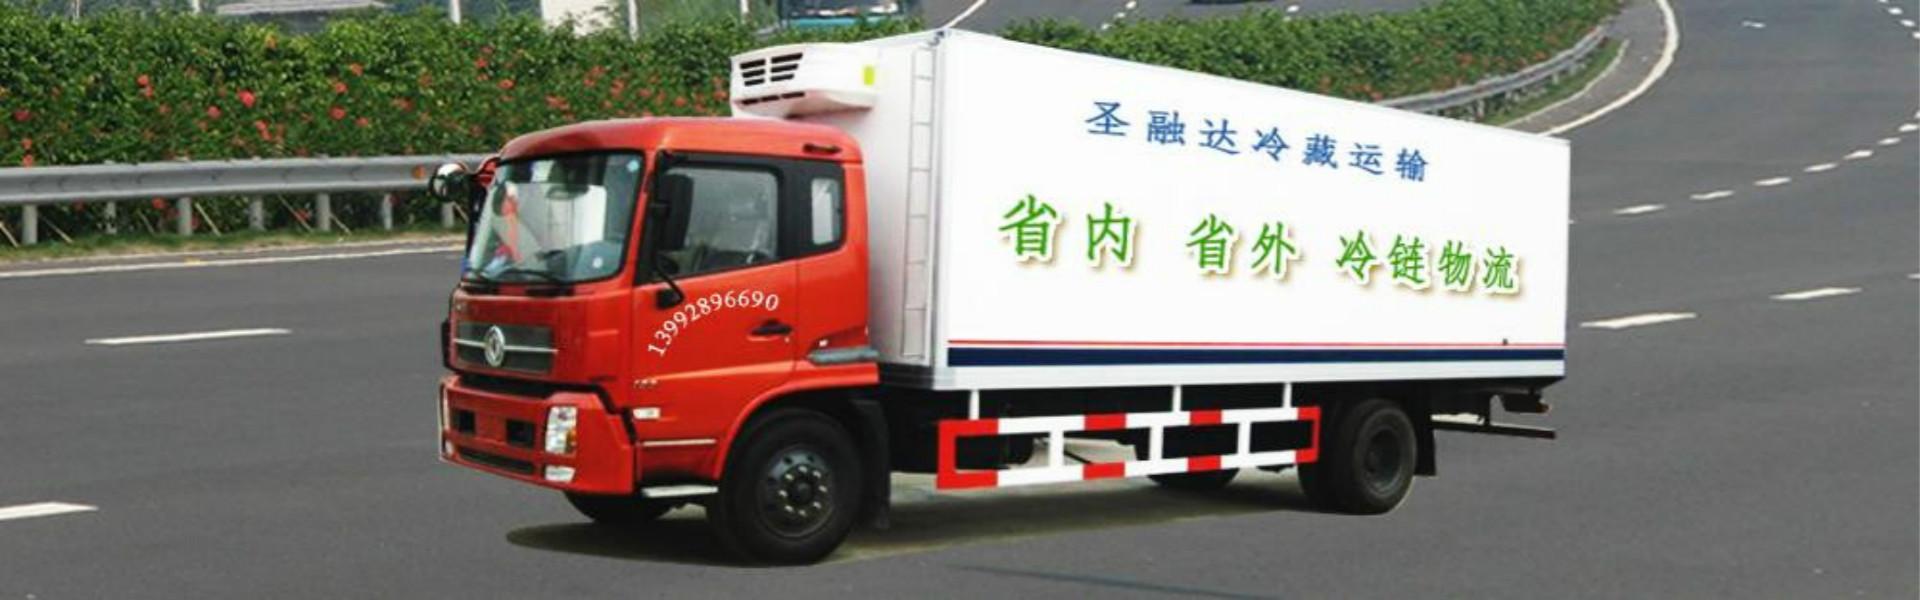 西安冷链物流运输公司